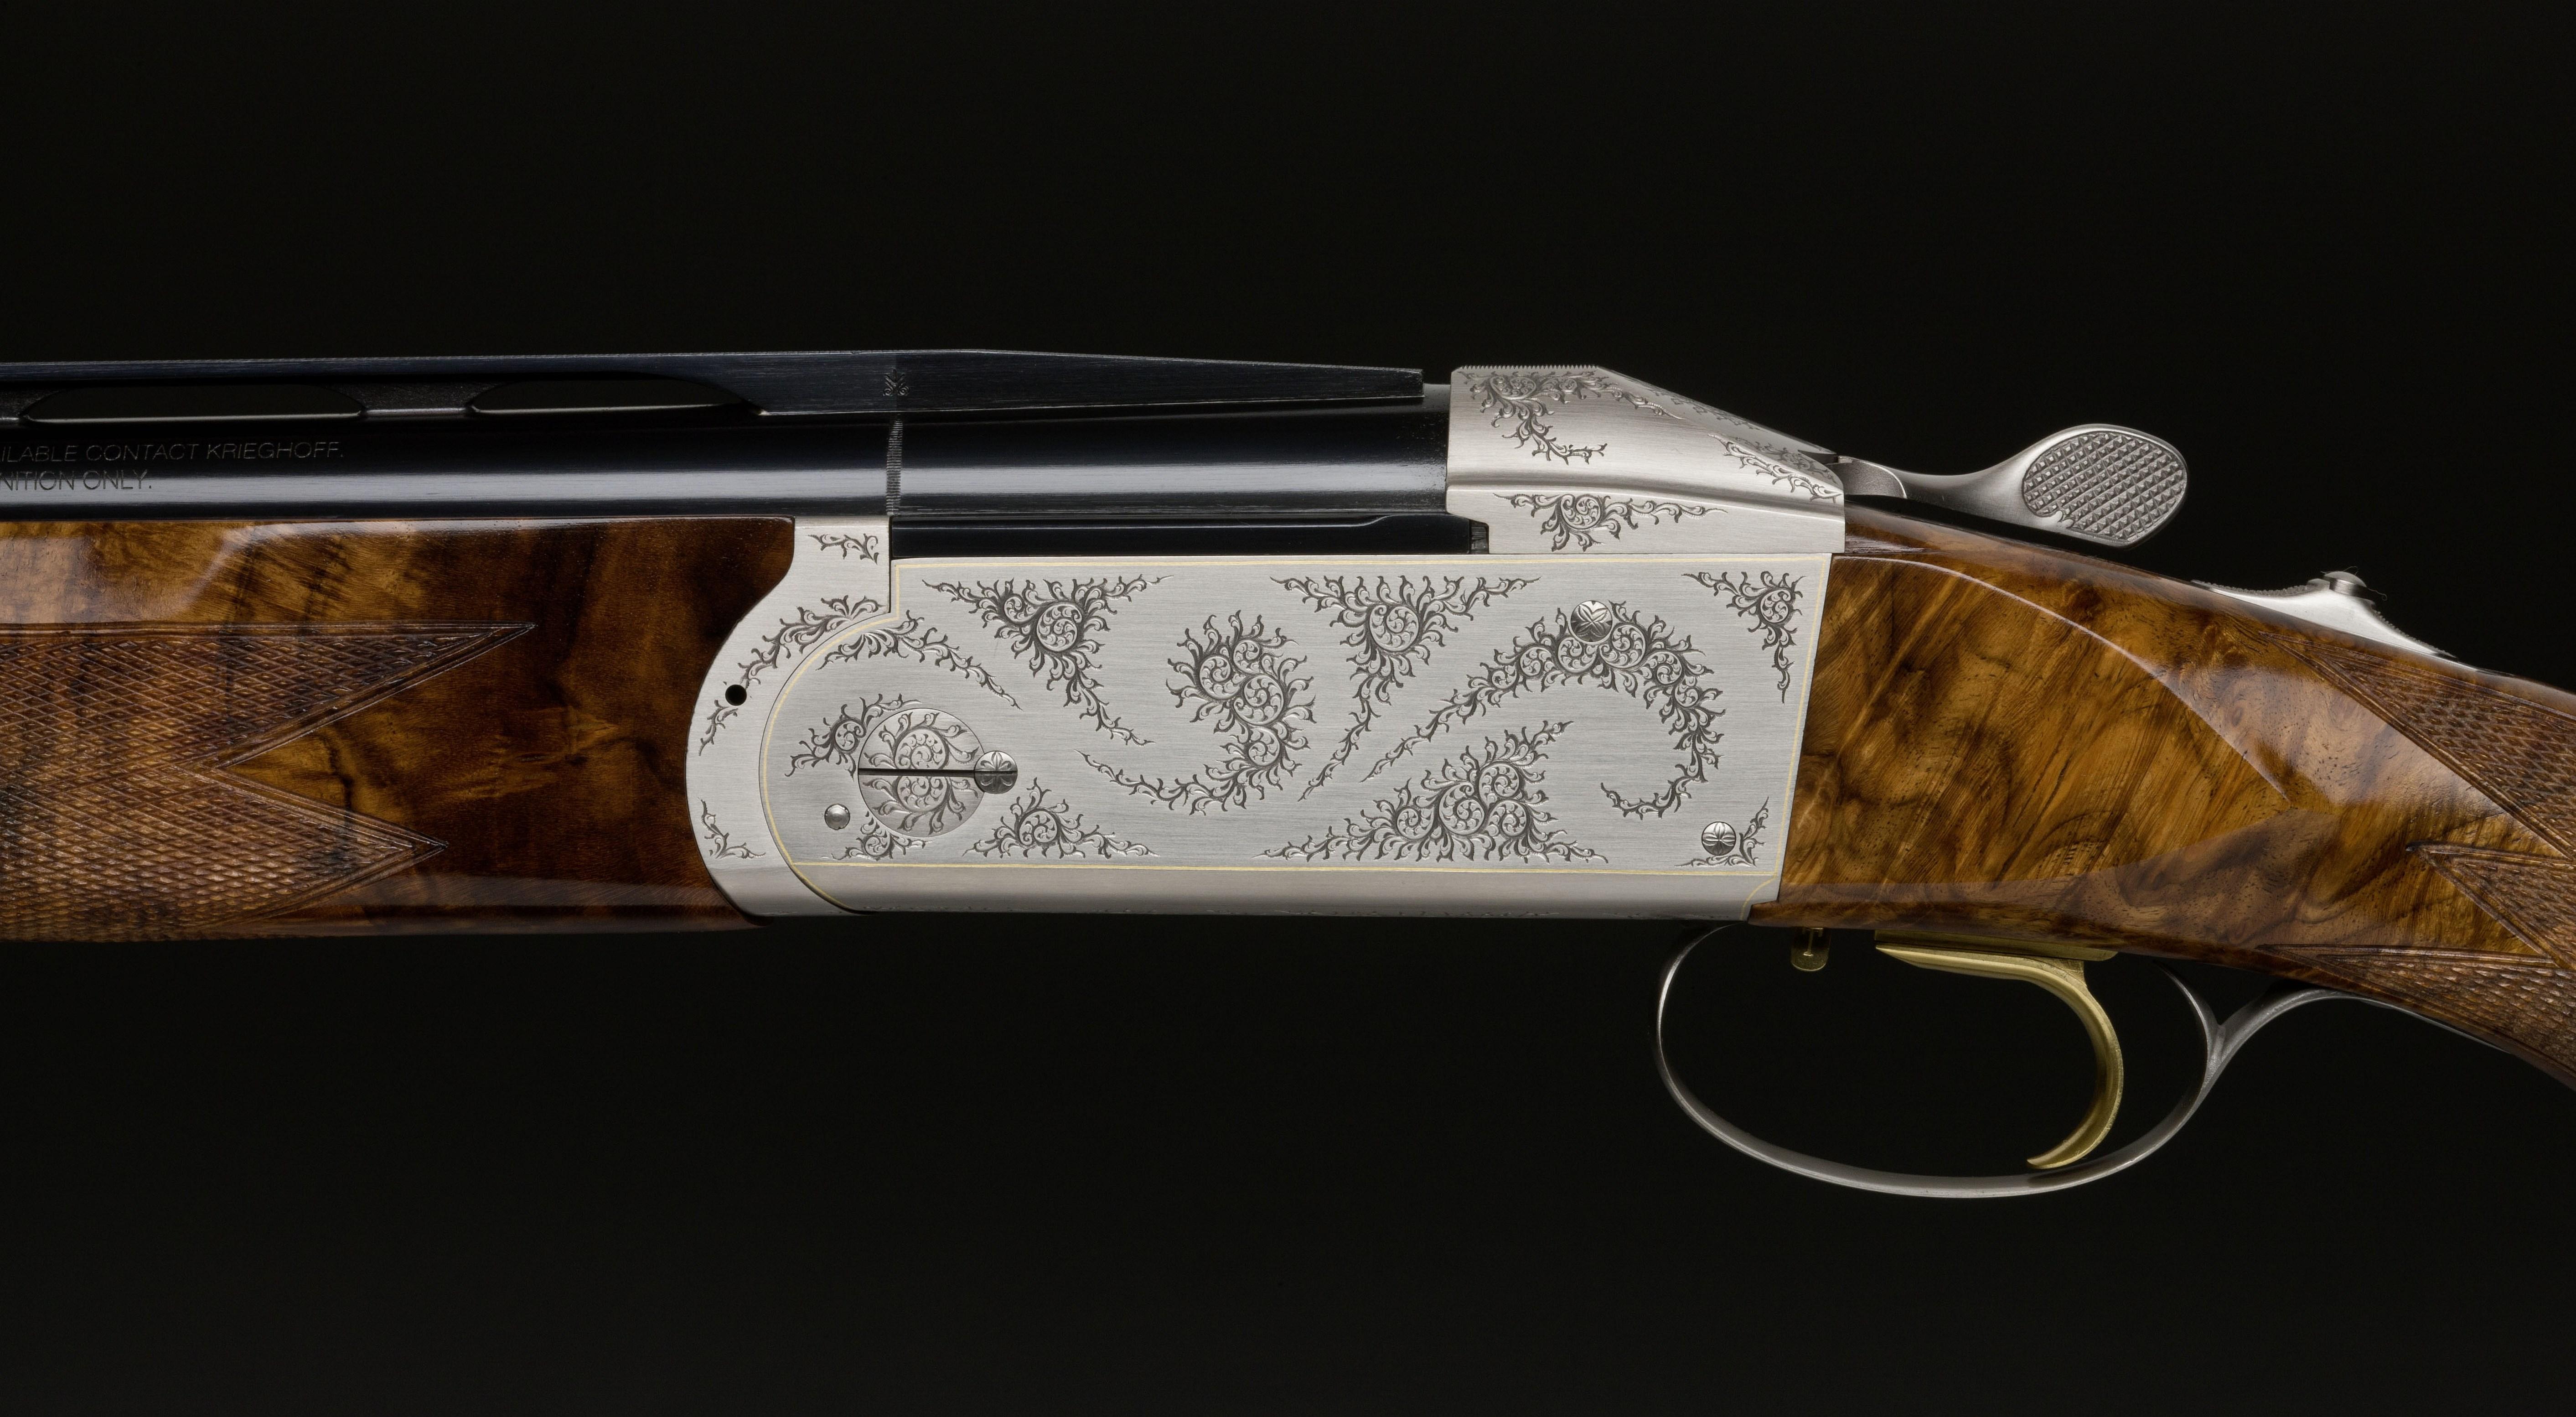 Baserri Shotgun Backgrounds, Compatible - PC, Mobile, Gadgets| 5650x3107 px